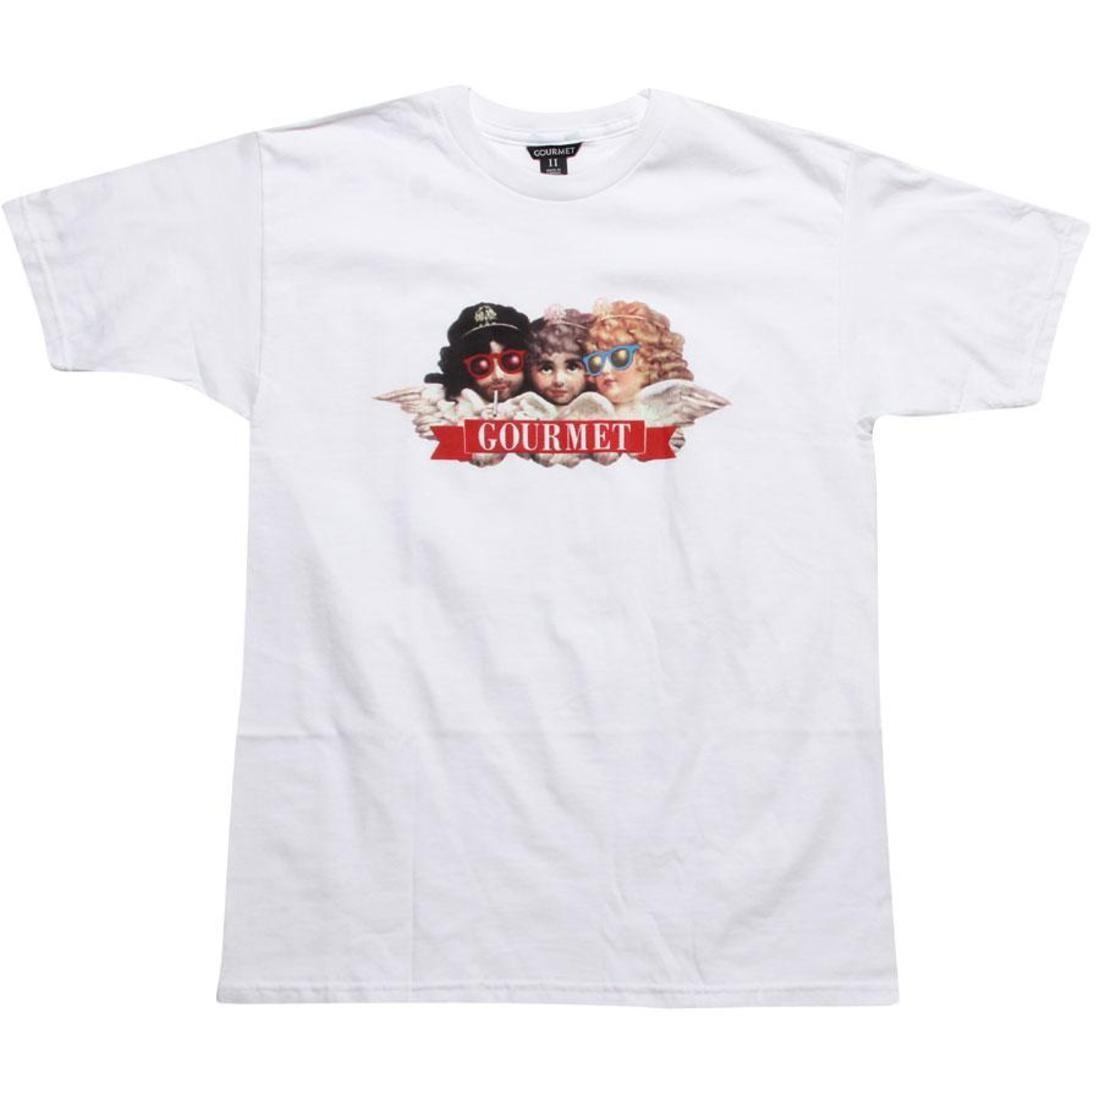 グルメ Tシャツ 白 ホワイト 【 WHITE GOURMET PAISANS TEE 】 メンズファッション トップス Tシャツ カットソー